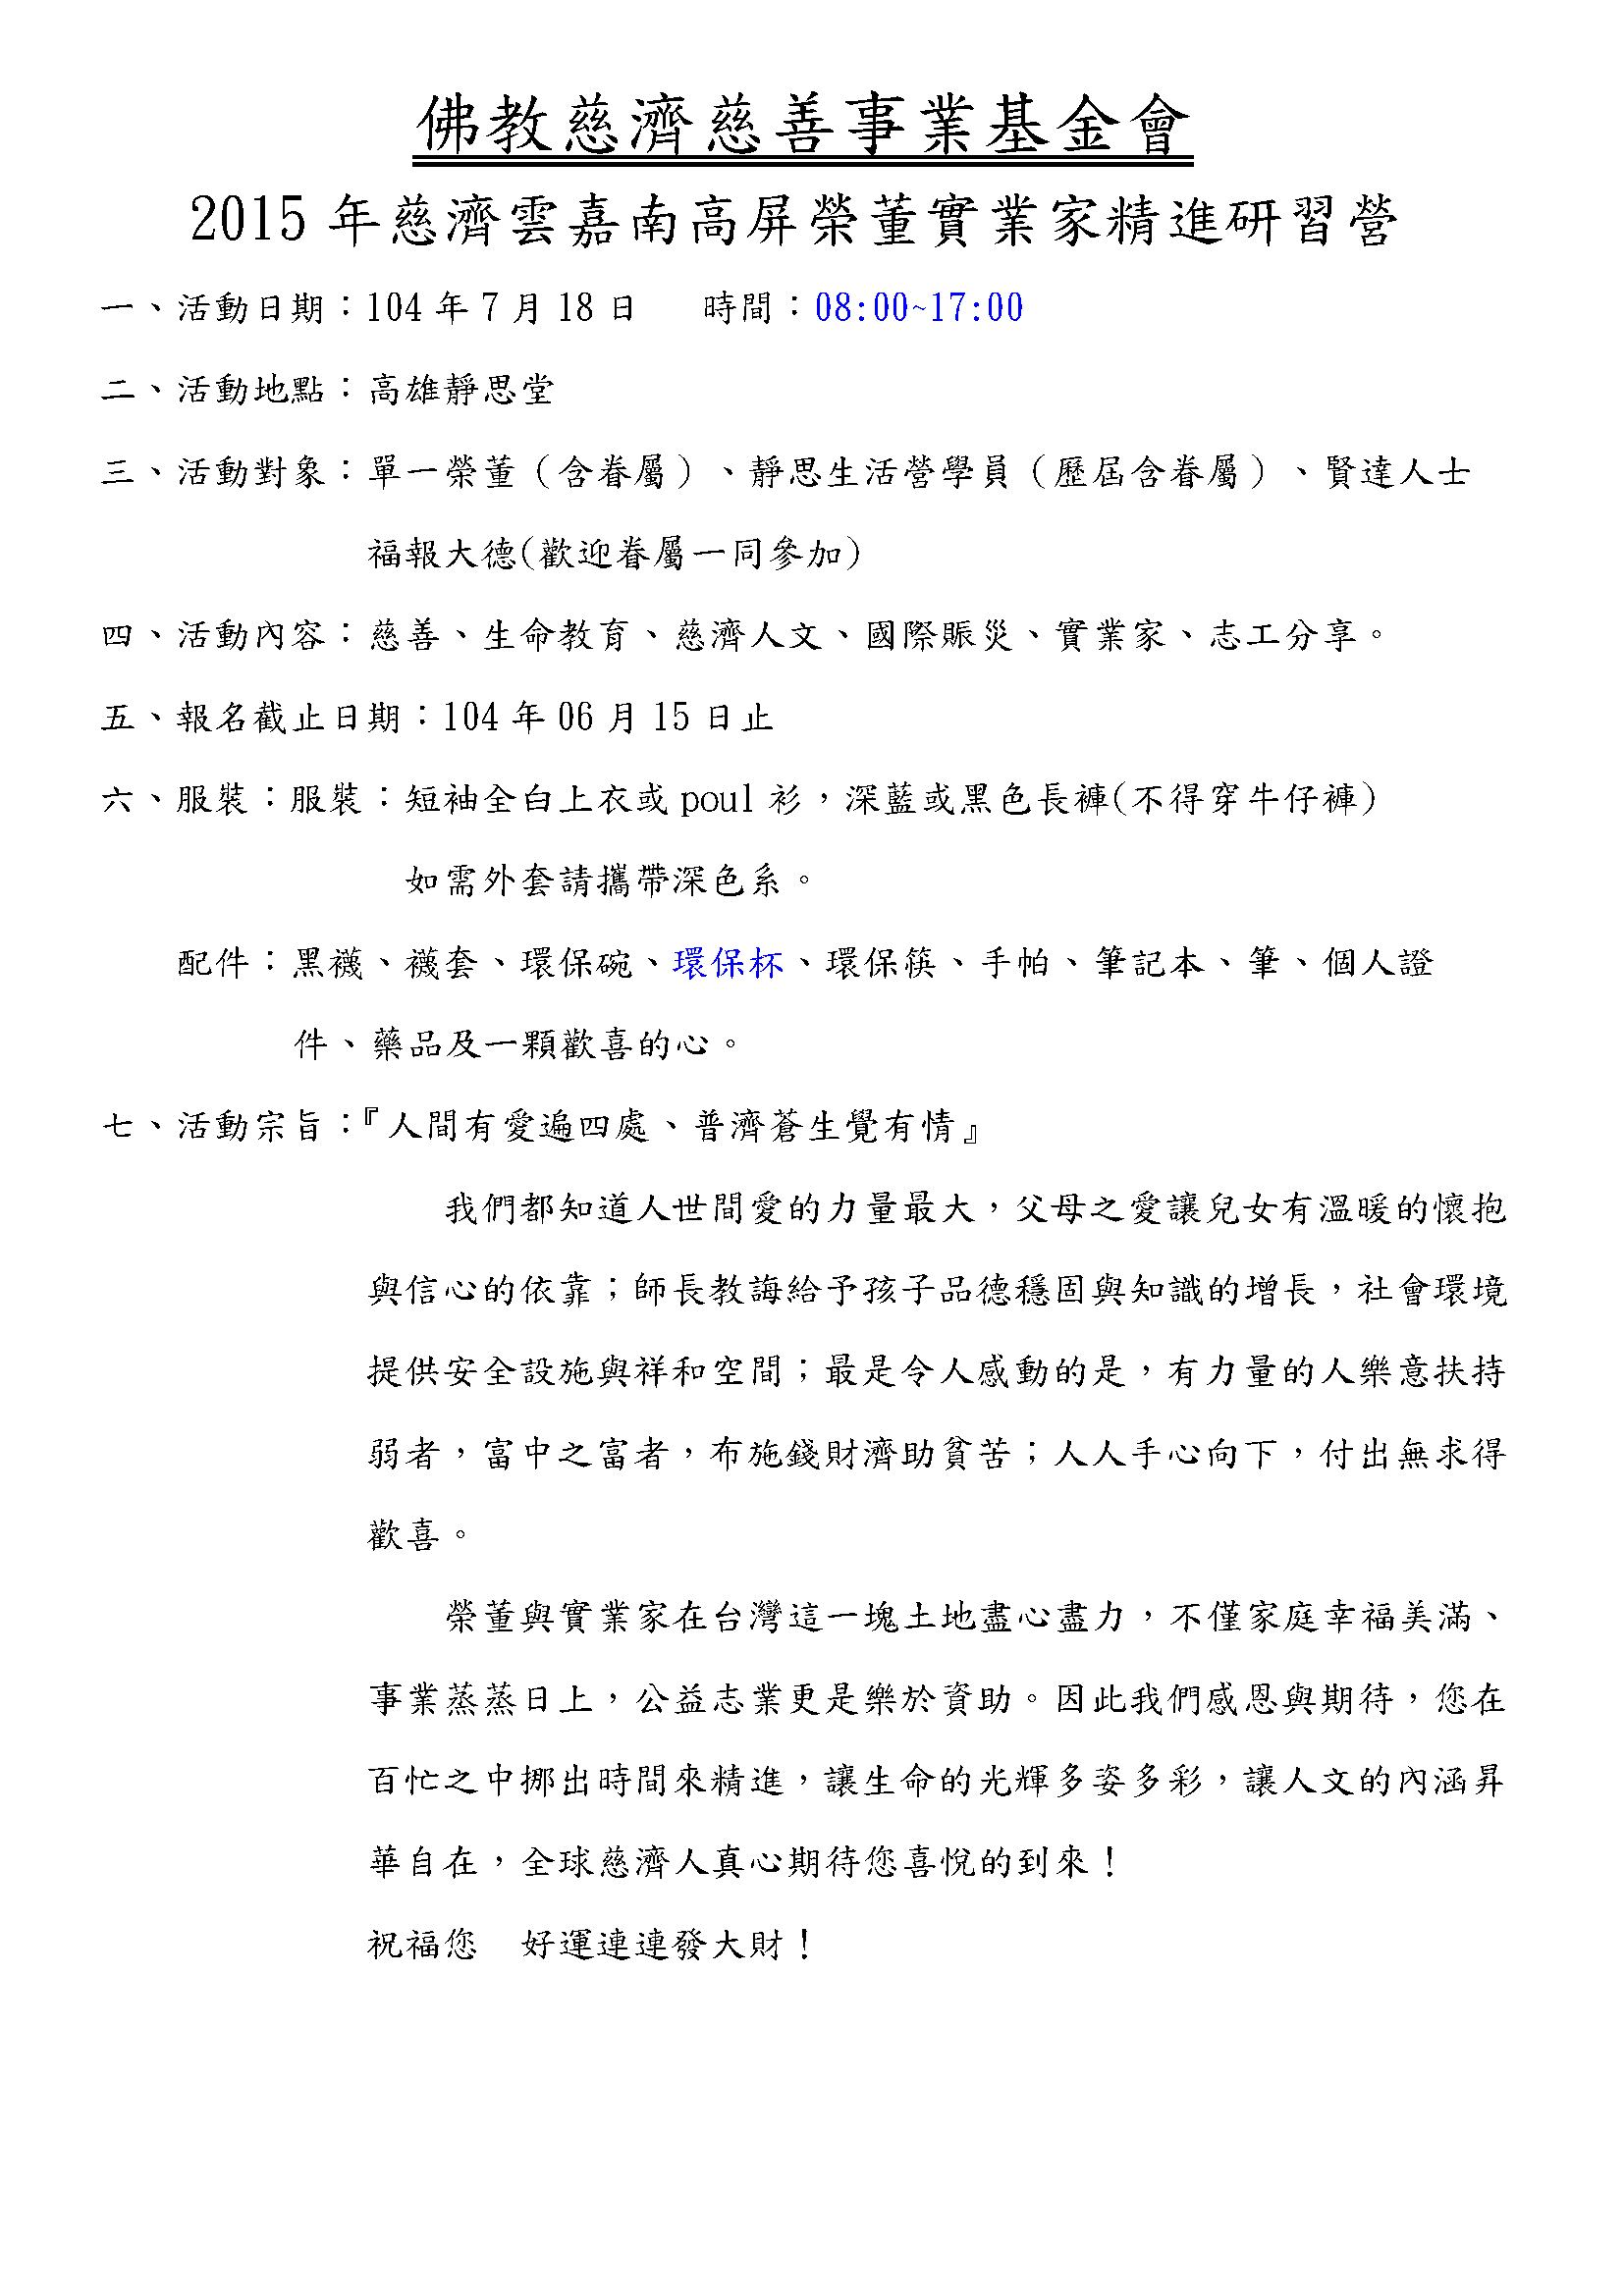 2015年慈濟雲嘉南高屏榮董實業家精進研習營.png